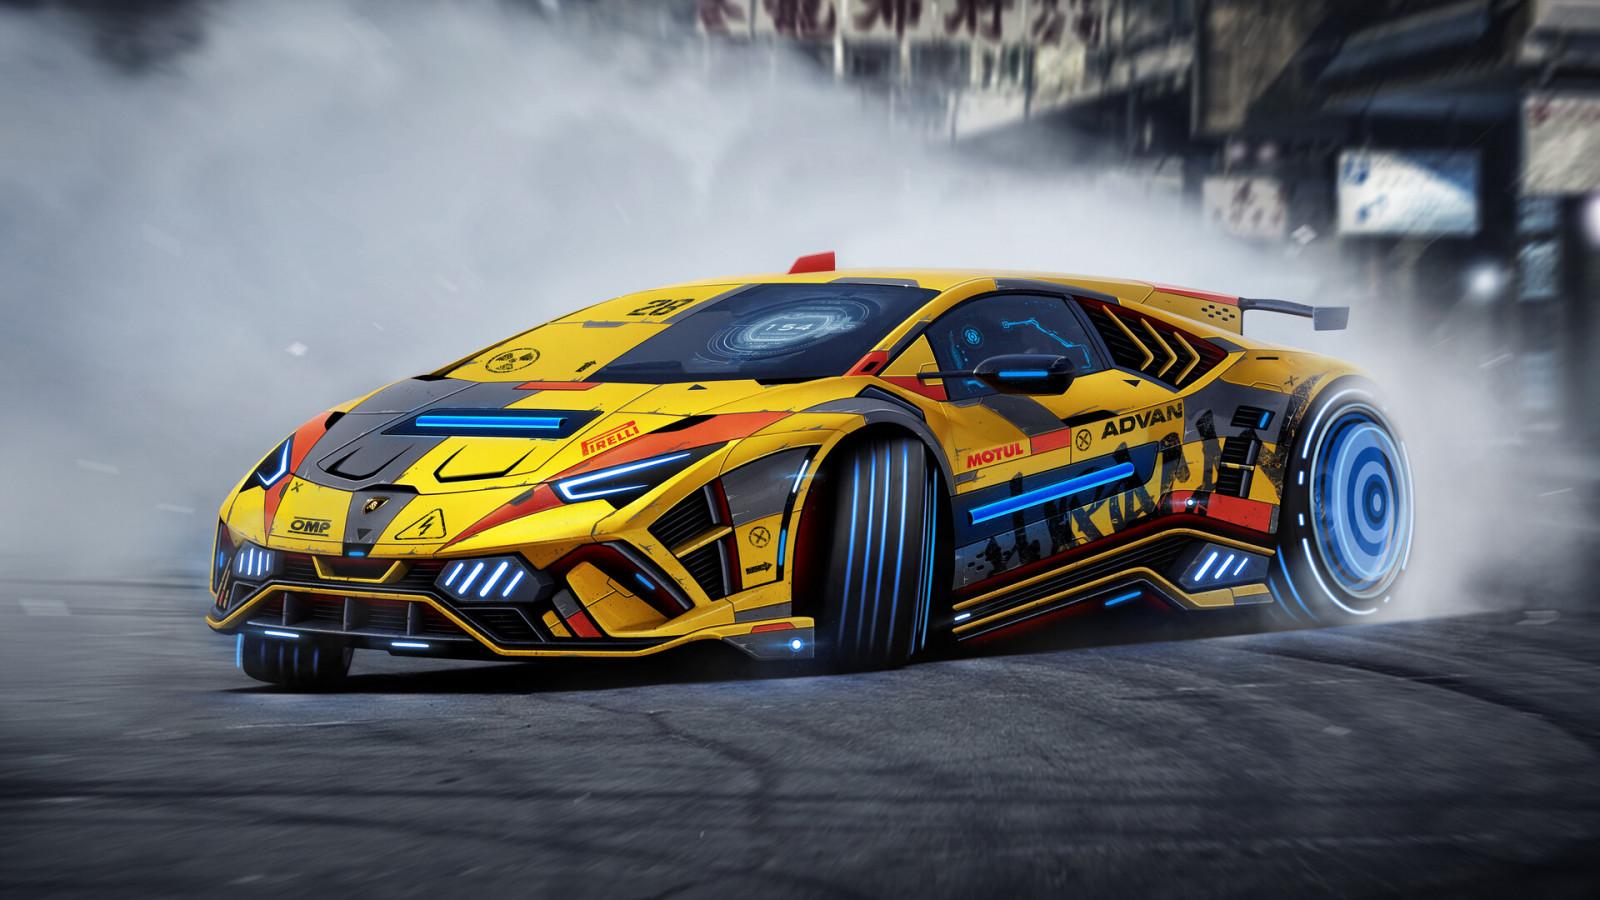 Wallpaper : Lamborghini, luxury cars, race cars, car ...